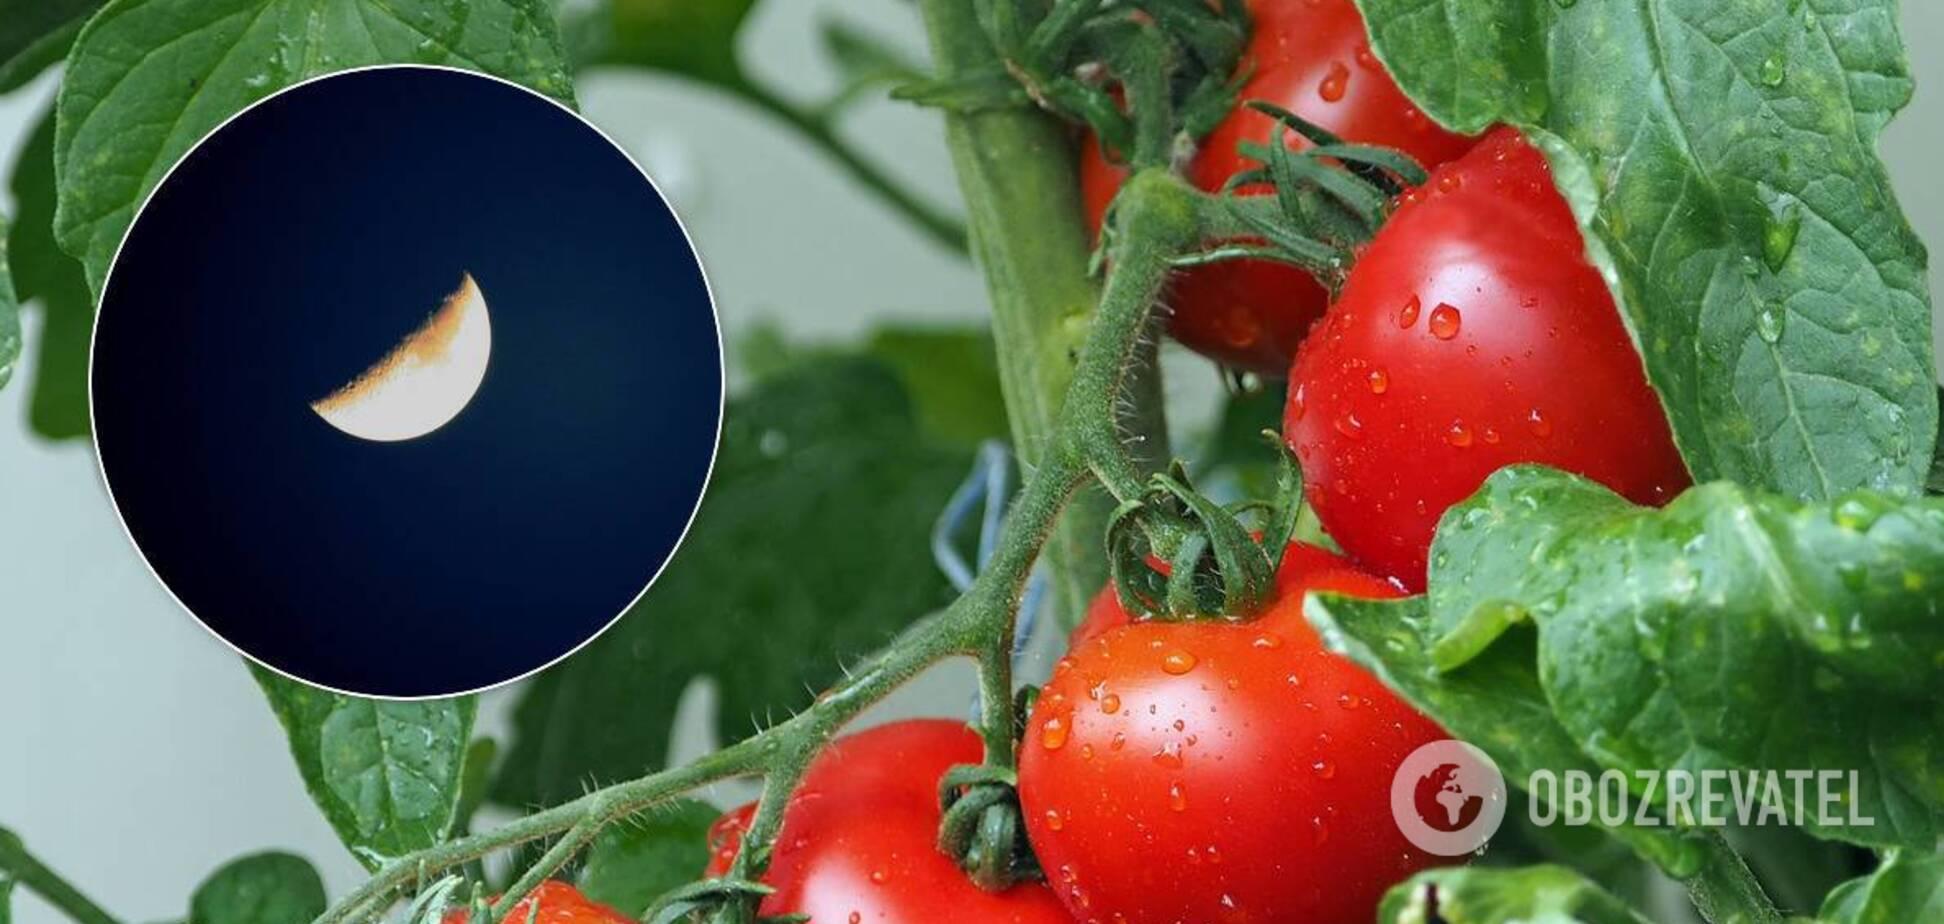 Лунный посевной календарь на август 2020 поможет распланировать работы в саду и огороде